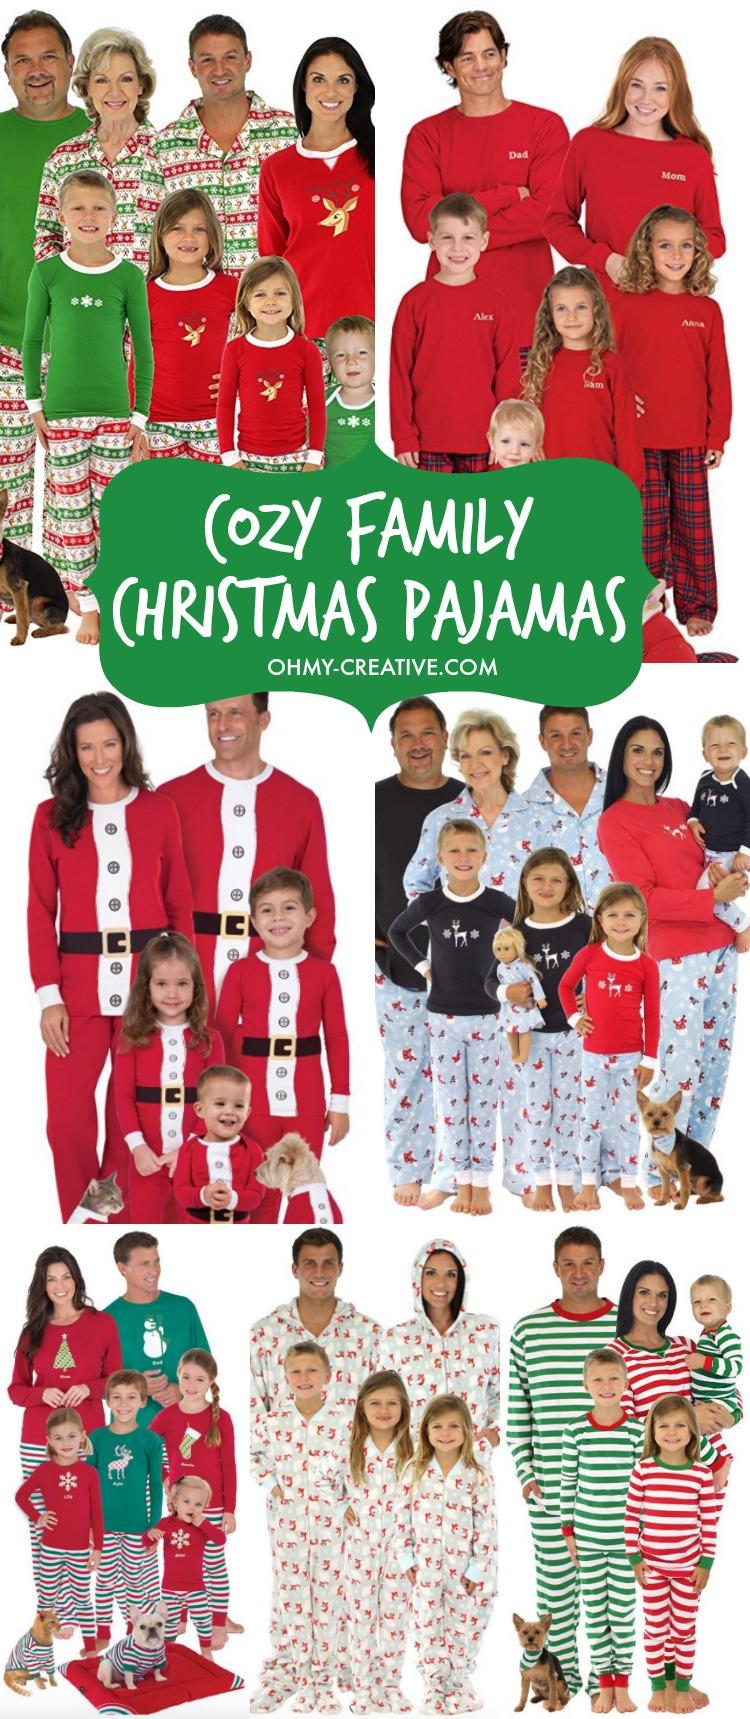 11 COZY FAMILY CHRISTMAS PAJAMAS FOR 2021!